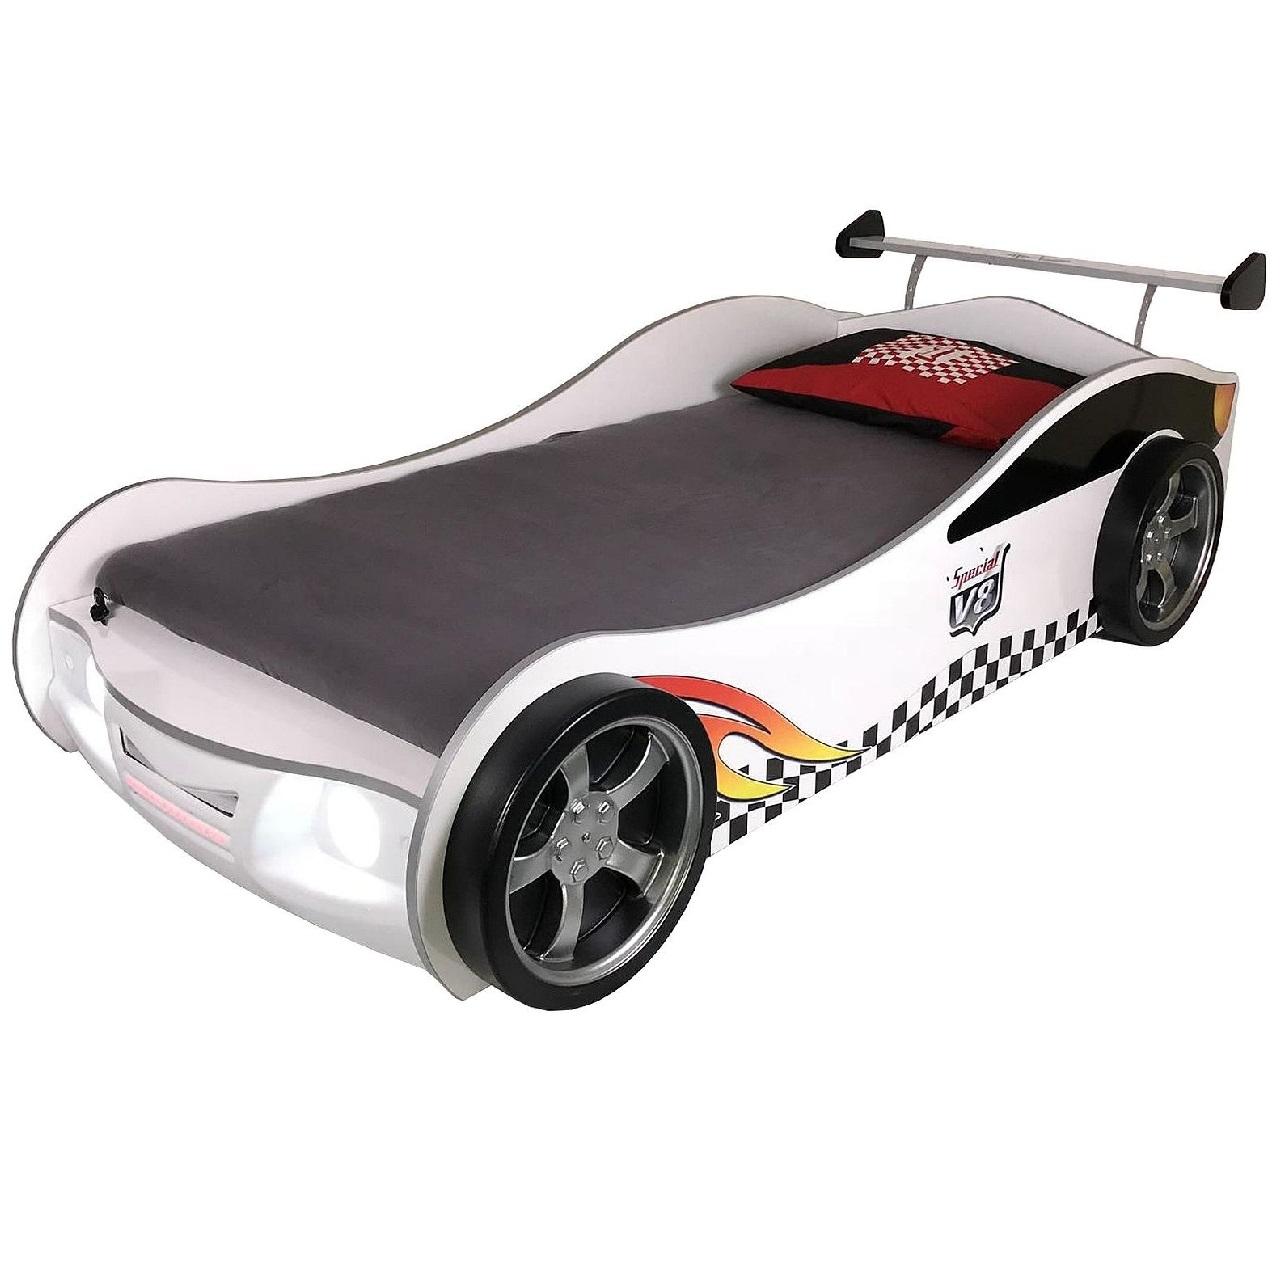 Autobett TURBO V4 weiß mit LED Licht und Rost